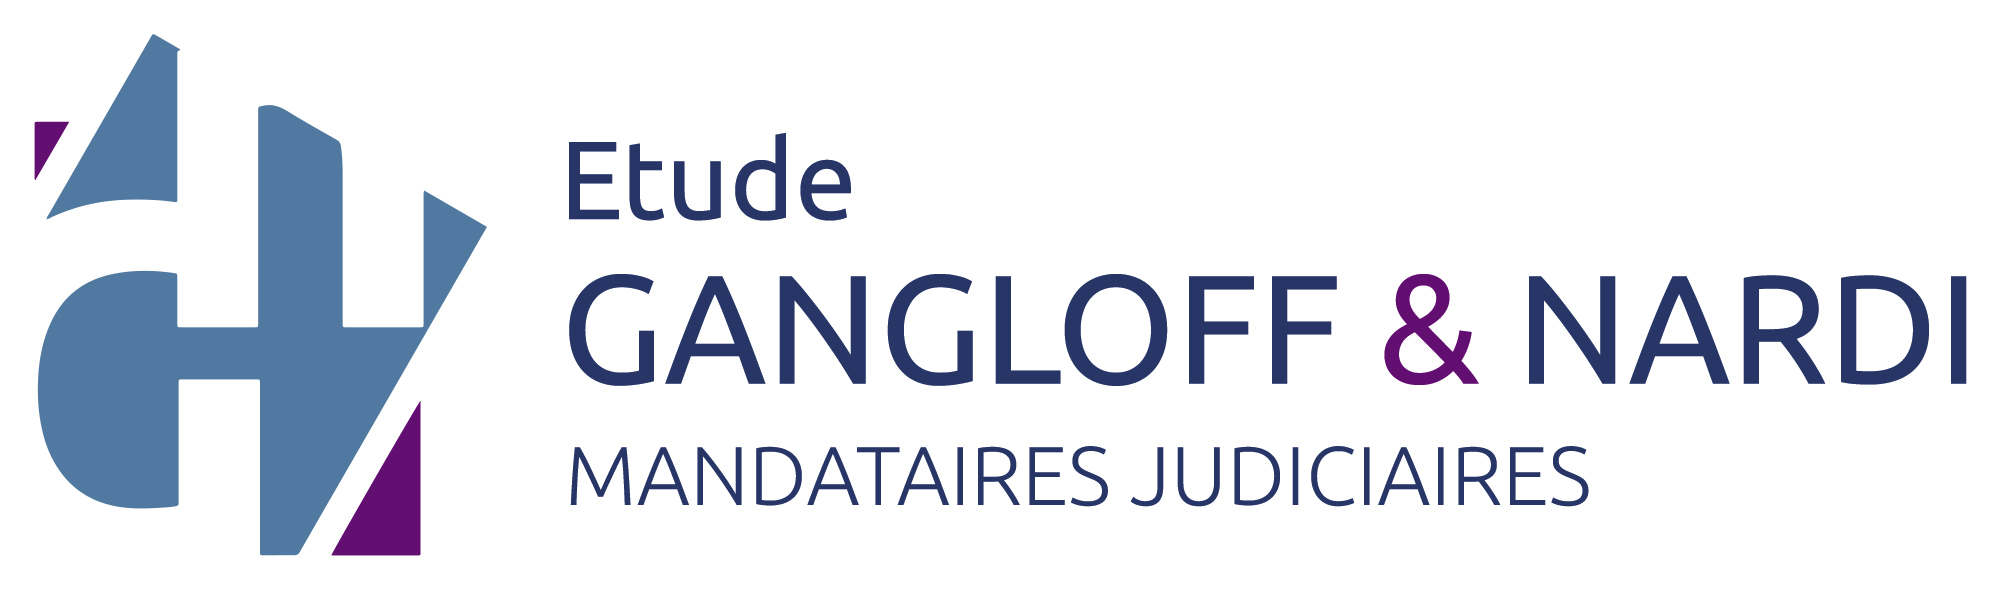 Gangloff et Nardi mandataires judiciaires